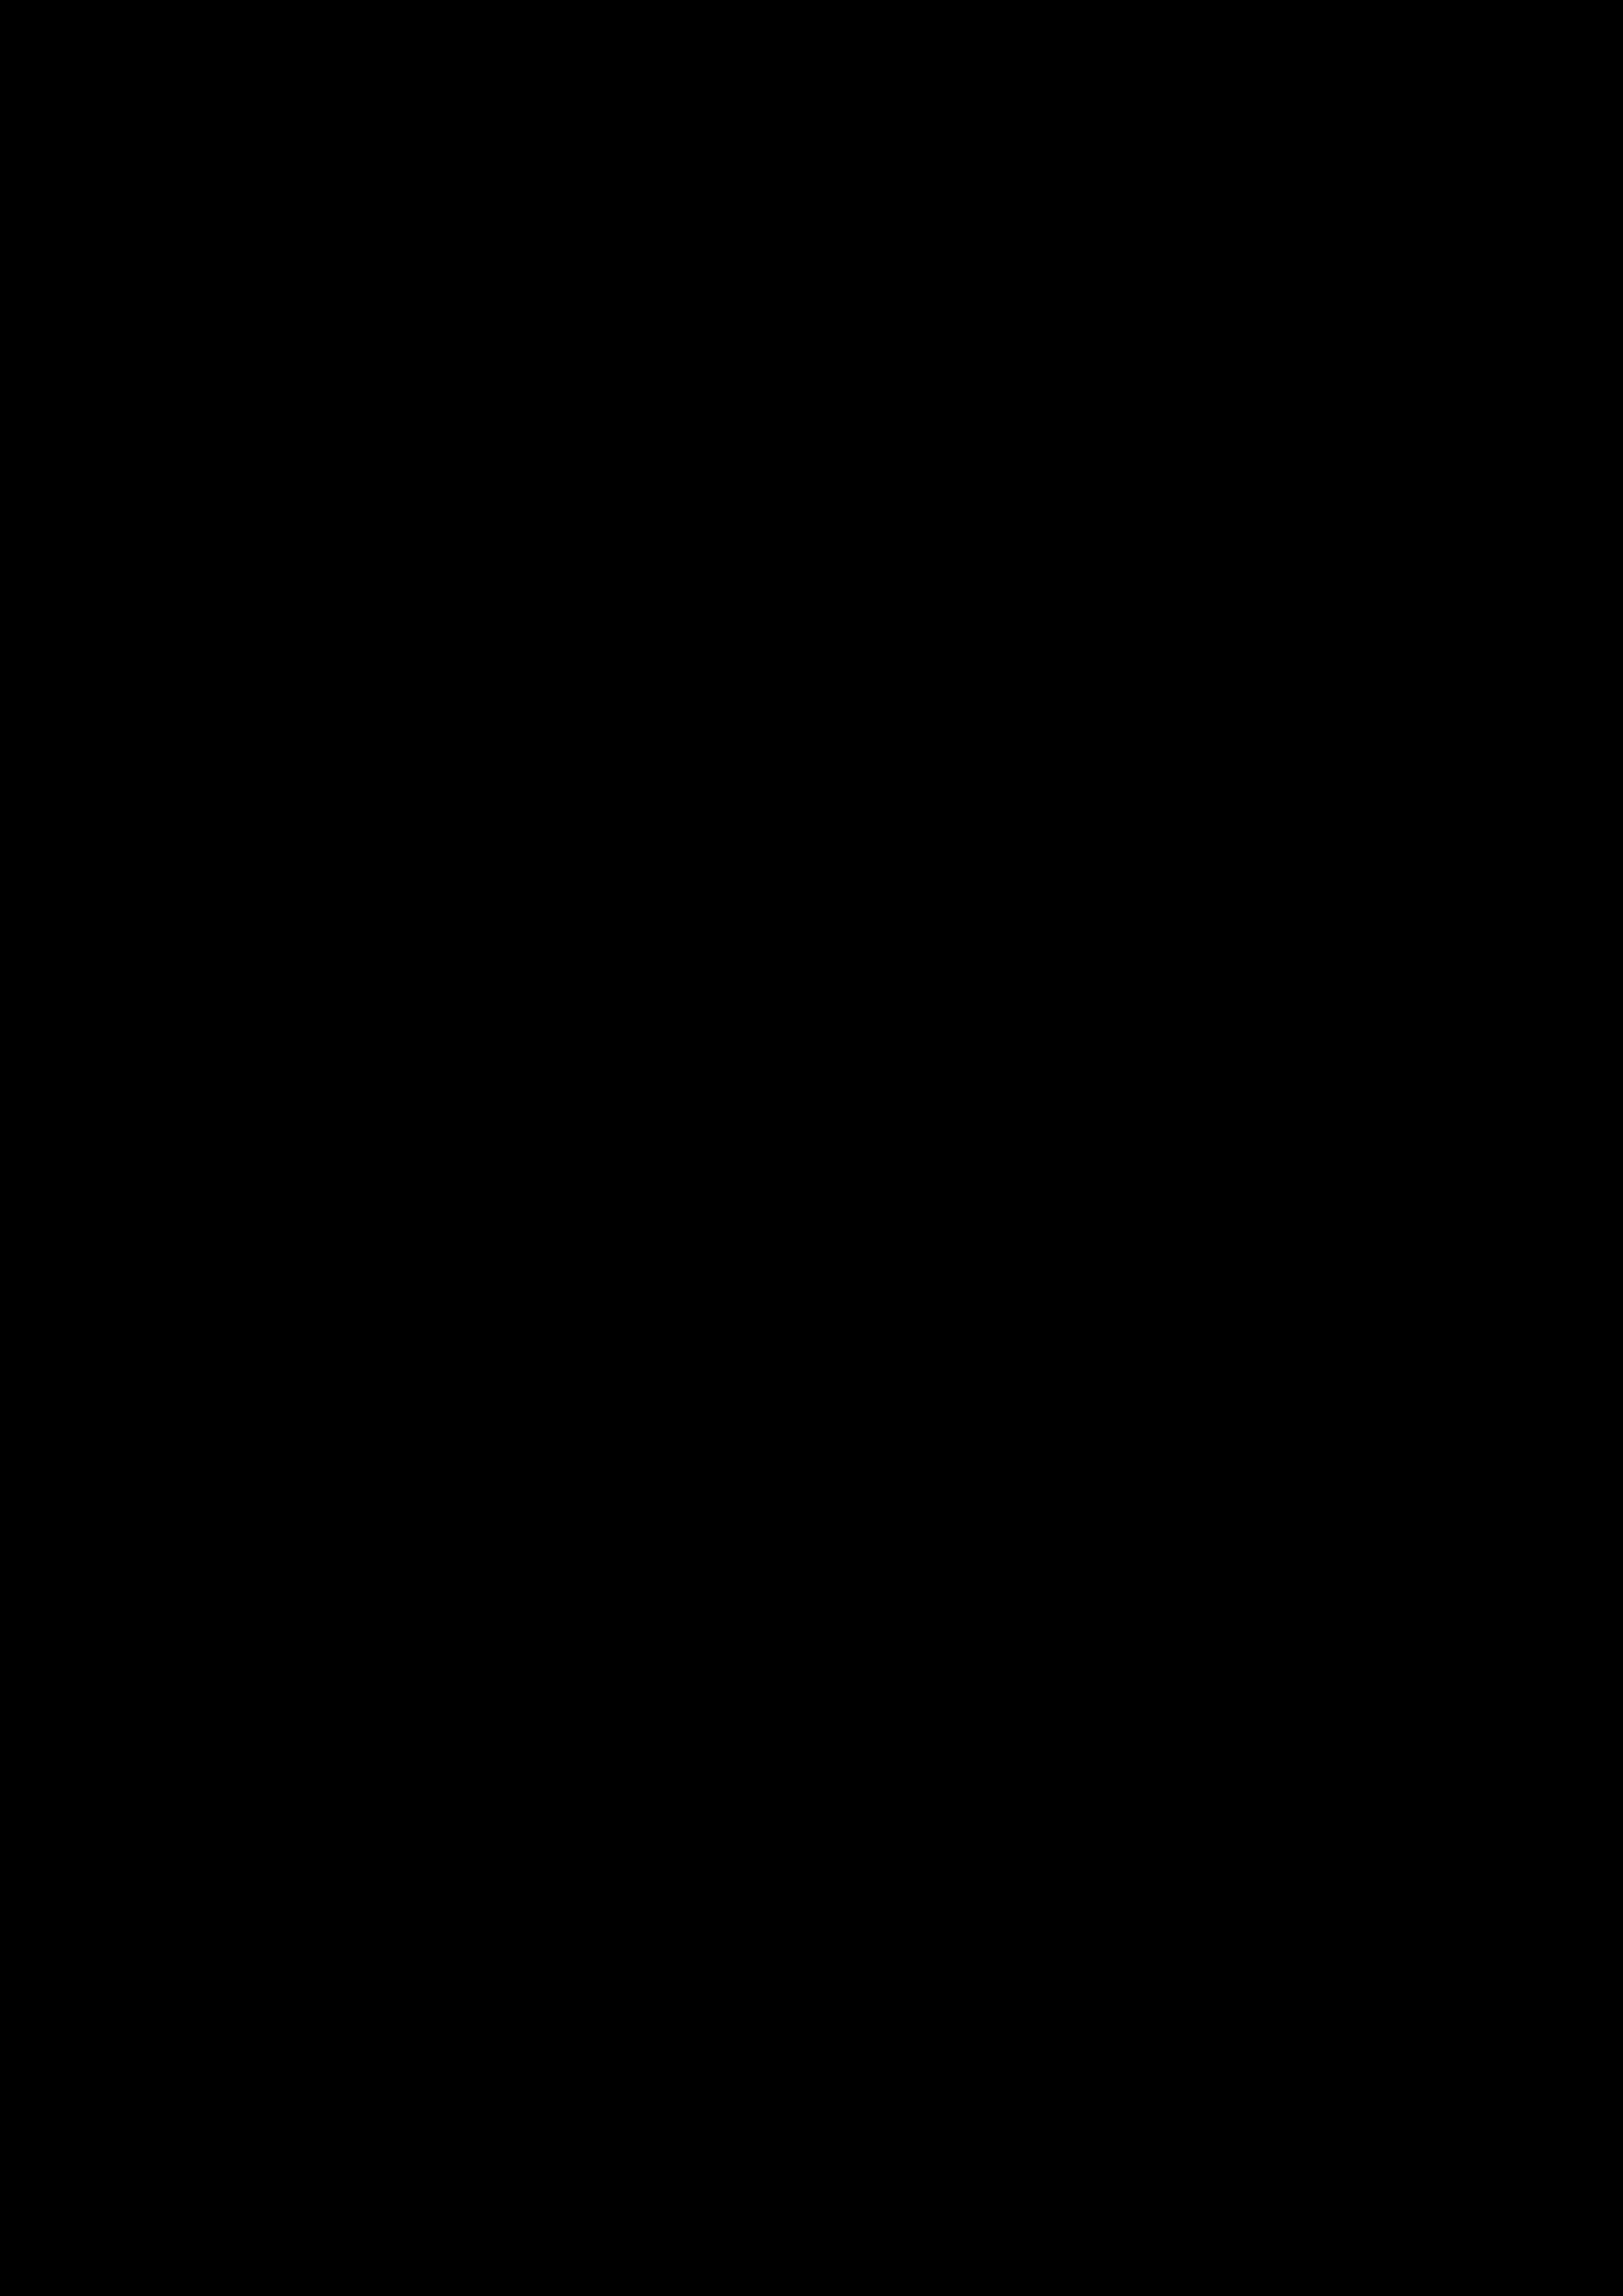 Tab et paroles de limposture de louise attaque limposture louise attaque stopboris Image collections